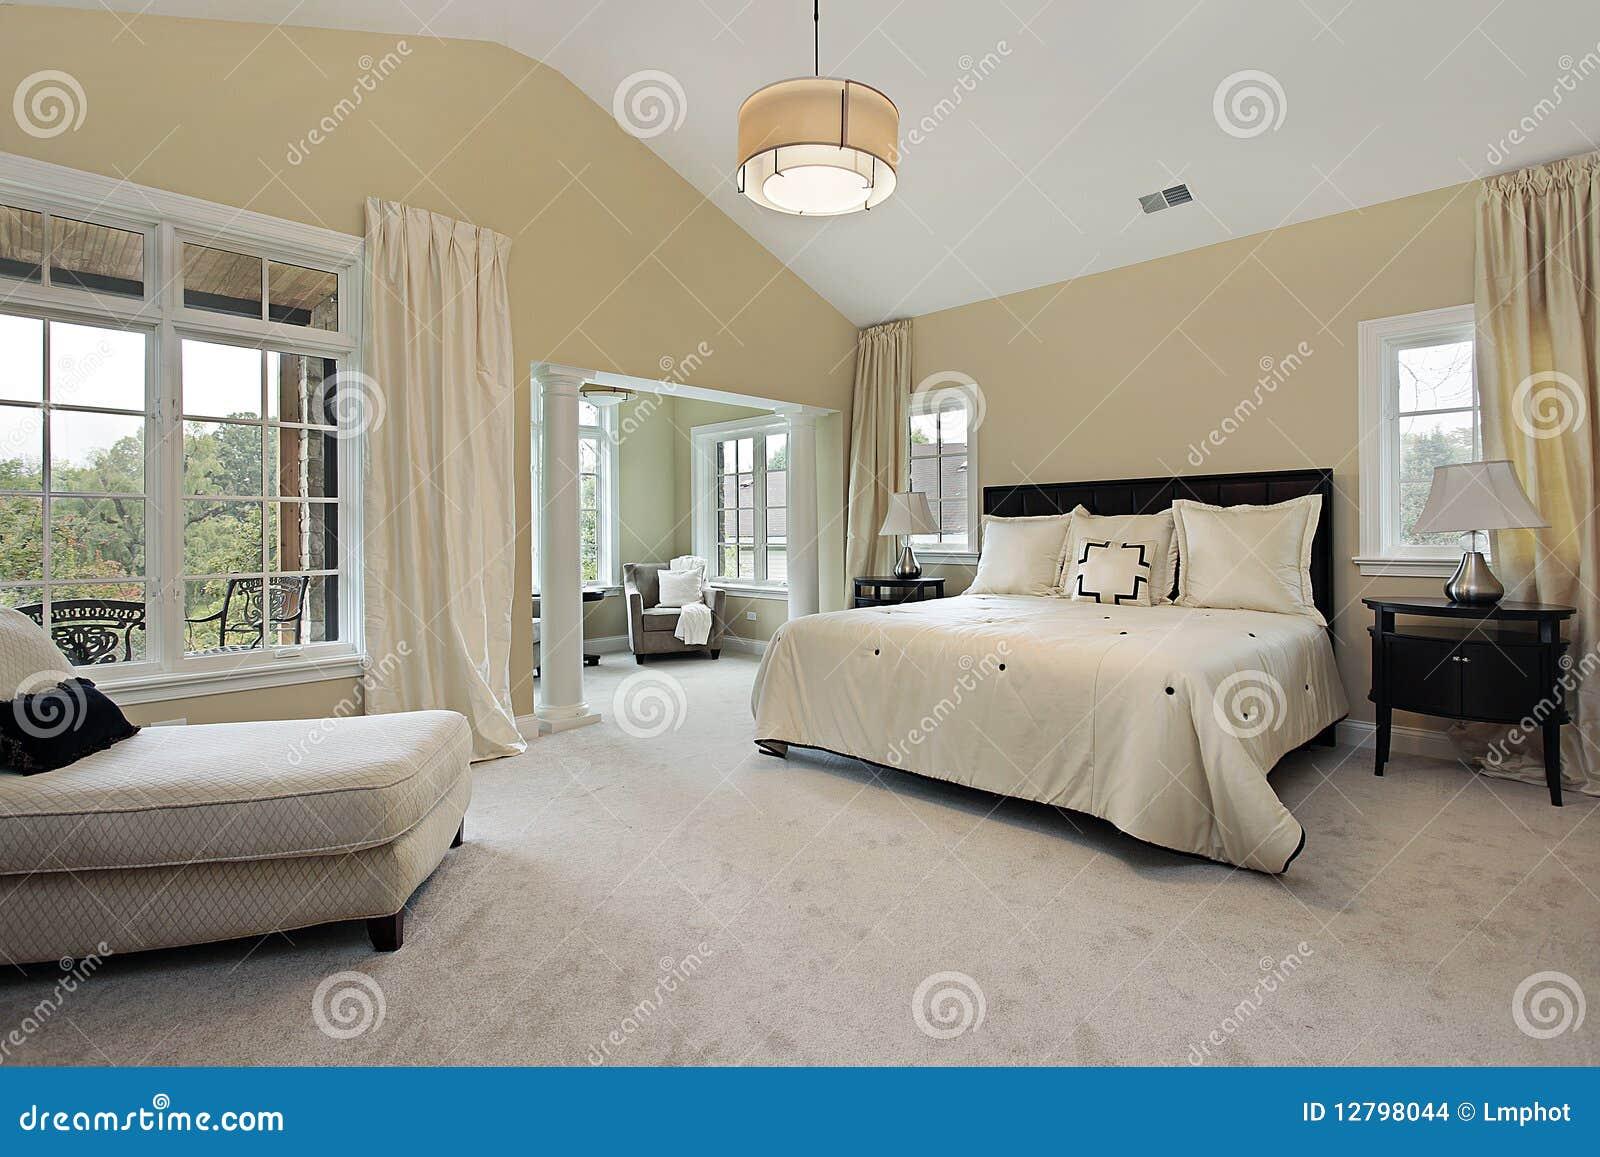 Slaapkamer In Woonkamer : Hoofd slaapkamer met woonkamer stock foto afbeelding bestaande